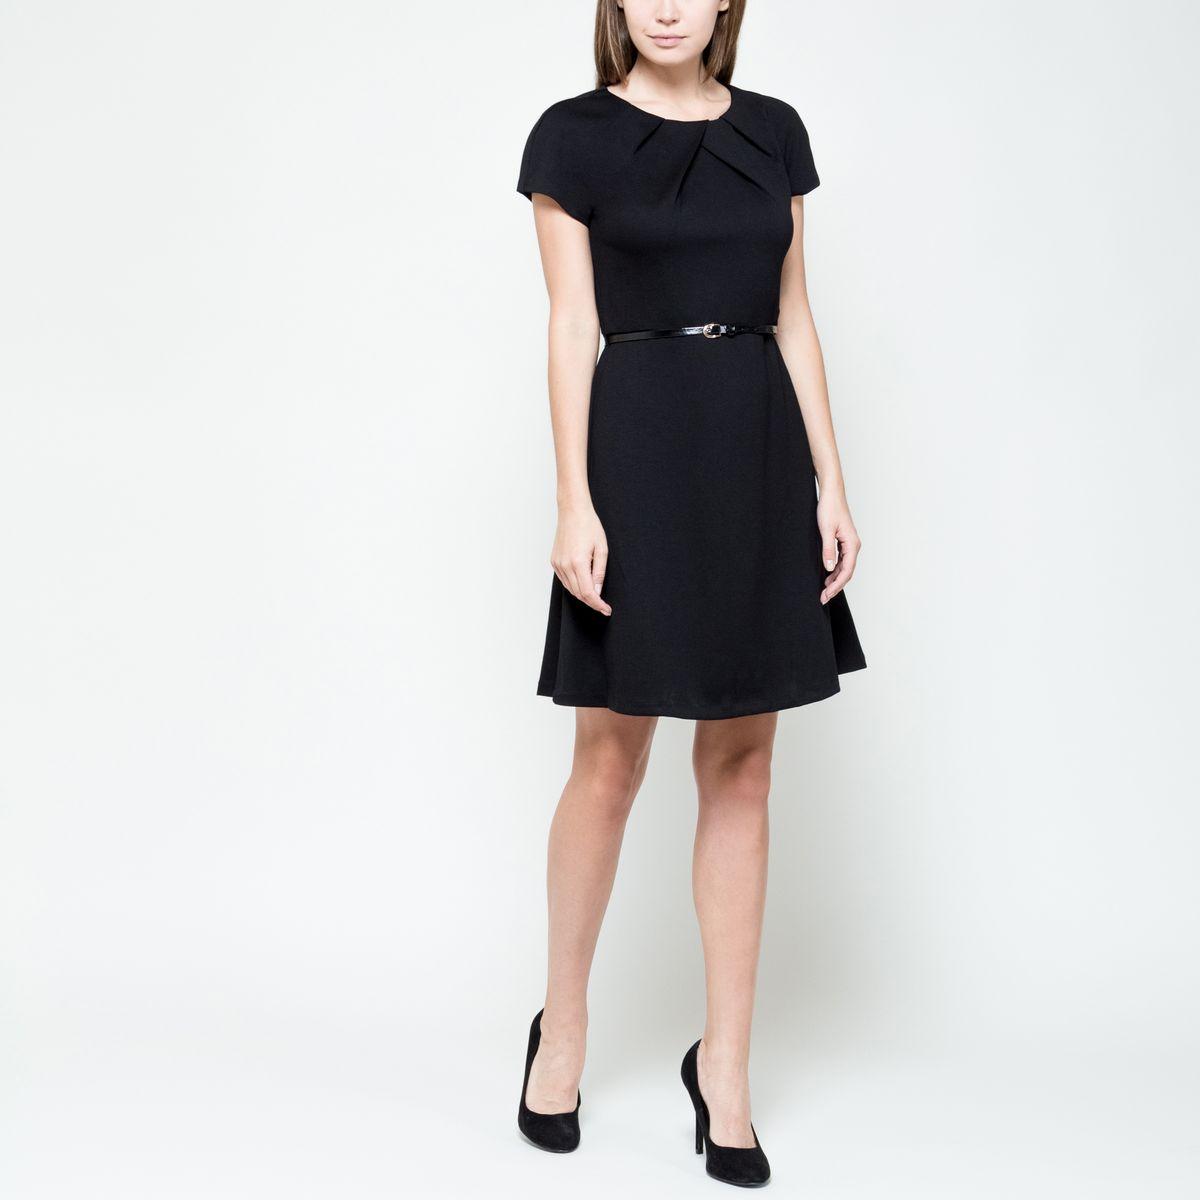 Платье Sela Collection, цвет: черный. Dks-117/1015-6391. Размер S (44)Dks-117/1015-6391Платье Sela Collection выполнено из полиэстера с добавлением вискозы и эластана. Модель с круглым вырезом горловины и короткими рукавами-реглан застёгивается на потайную застежку-молнию расположенную в среднем шве спинки. Платье-мили спереди оформлено мягкими складками и дополнен узким пояском.